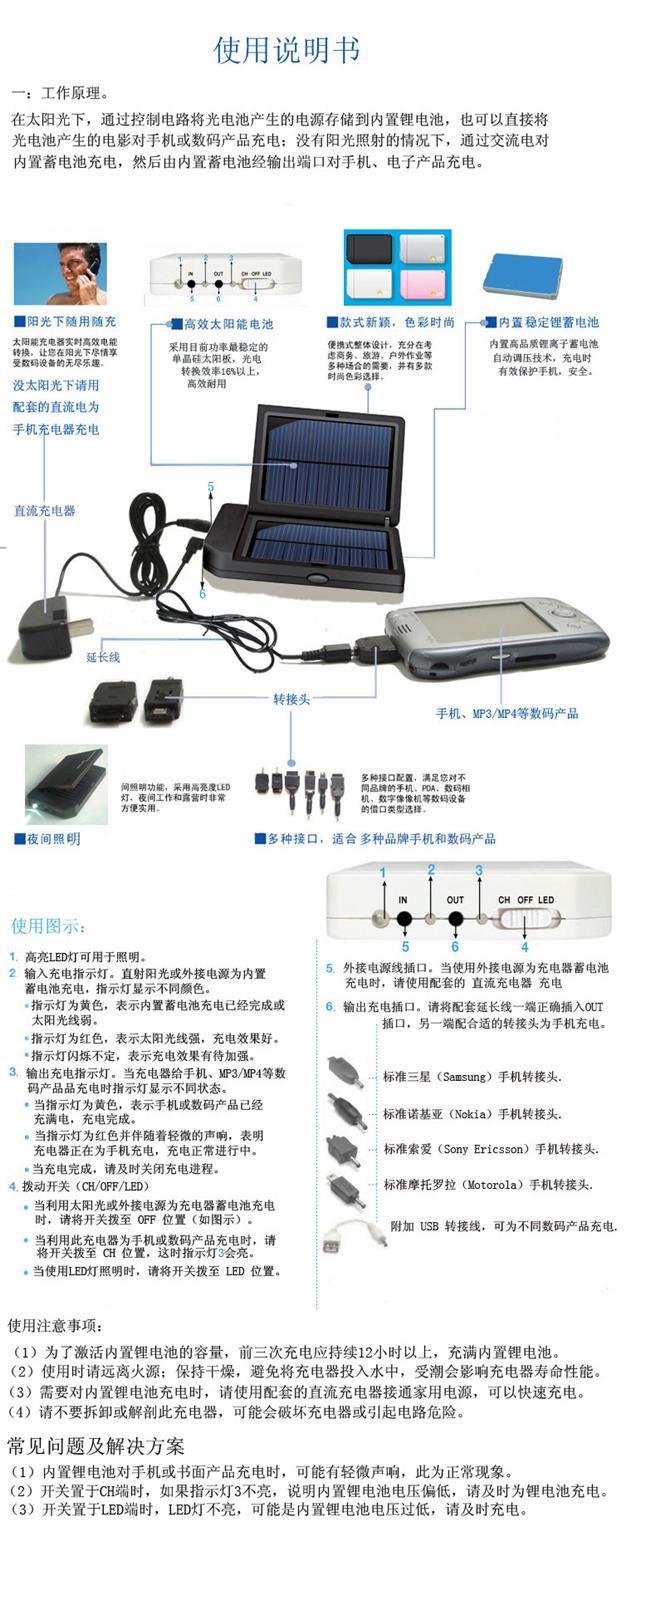 【太阳能智能手机充电器】价格